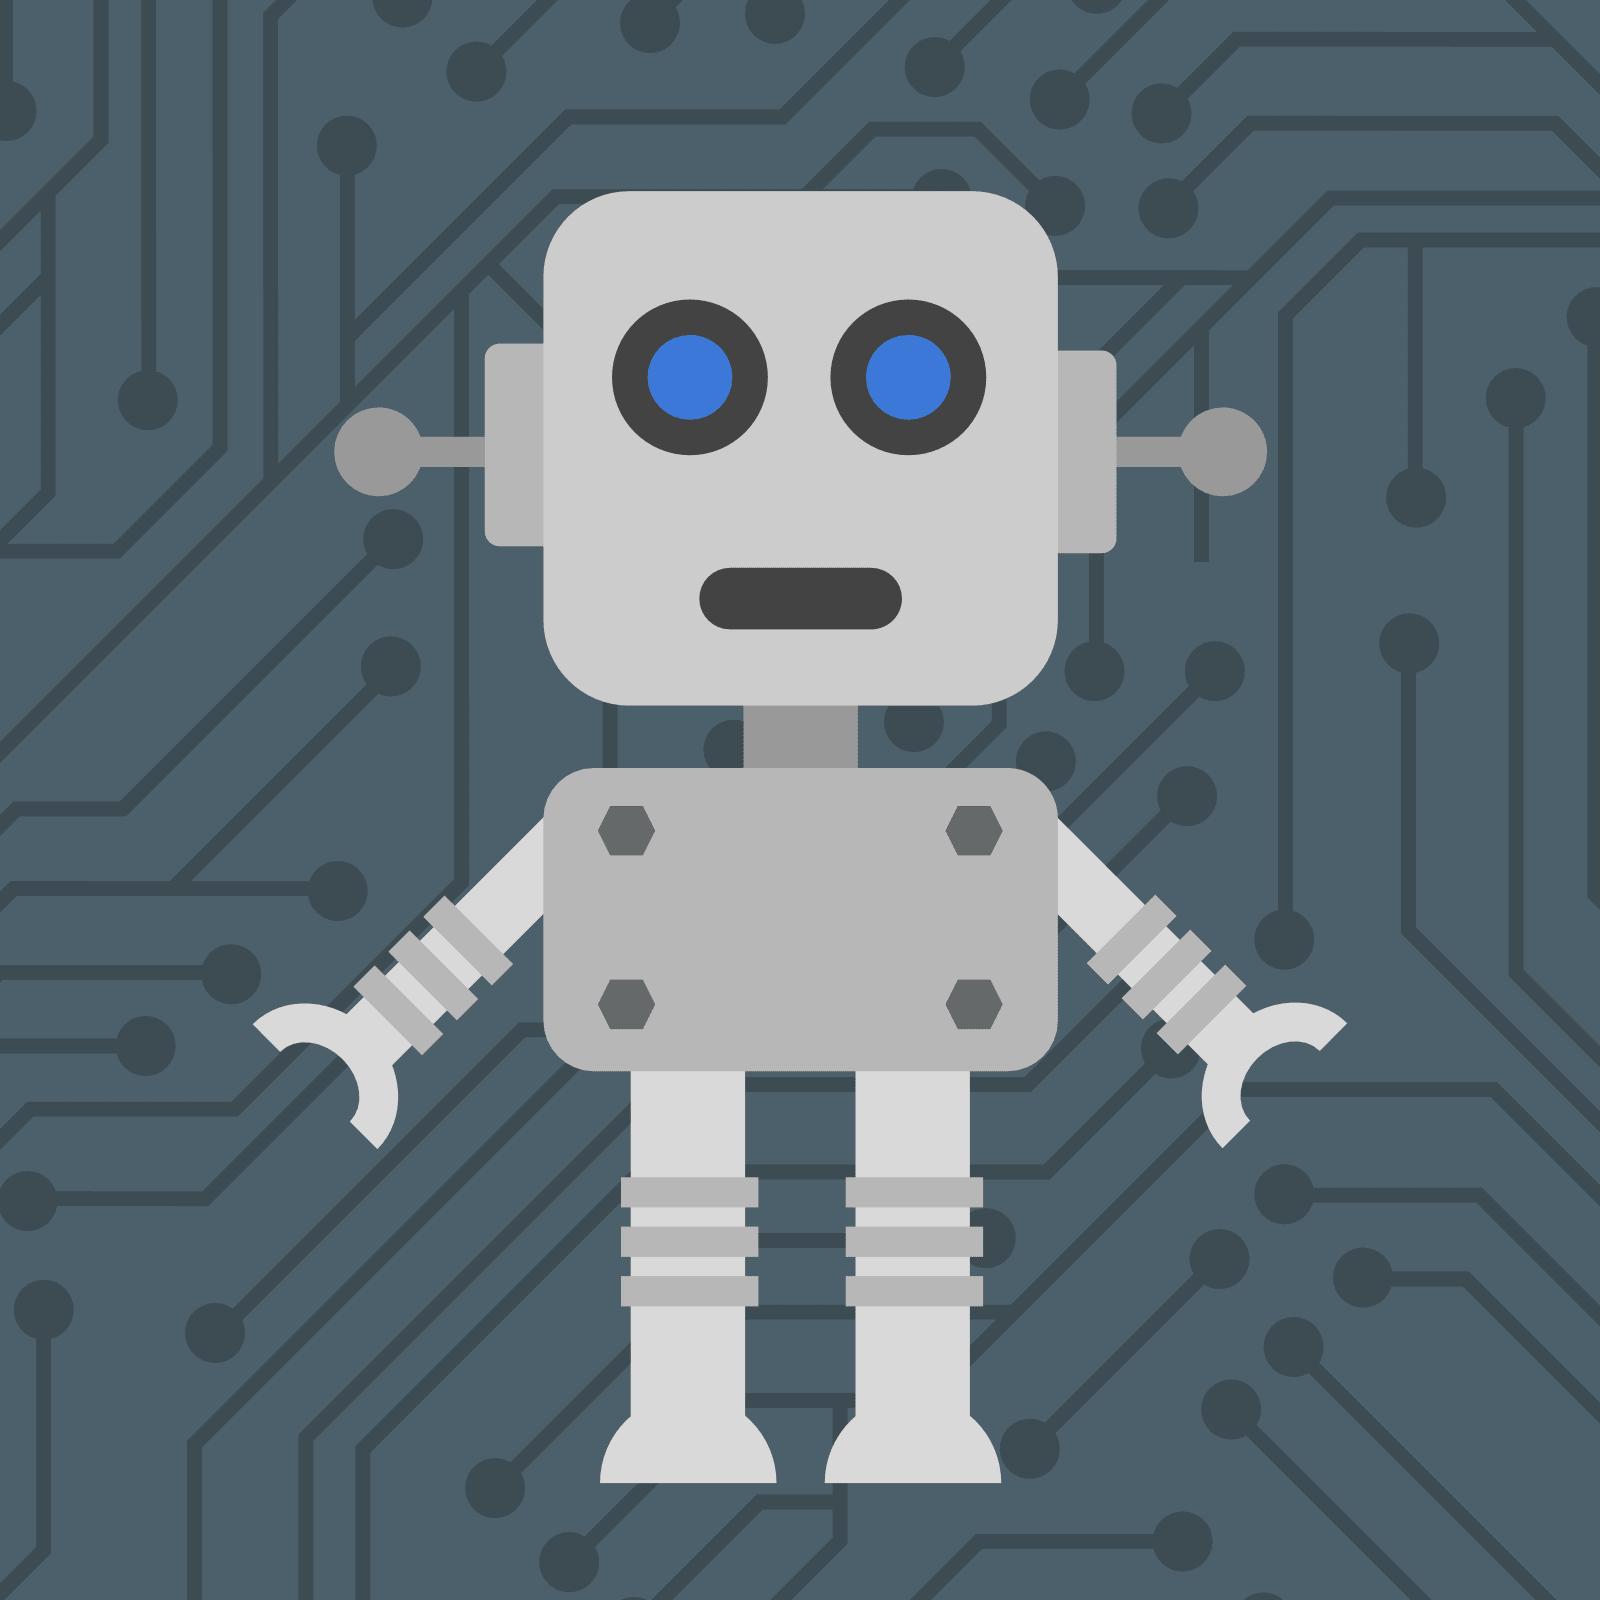 Rob (the Robot)